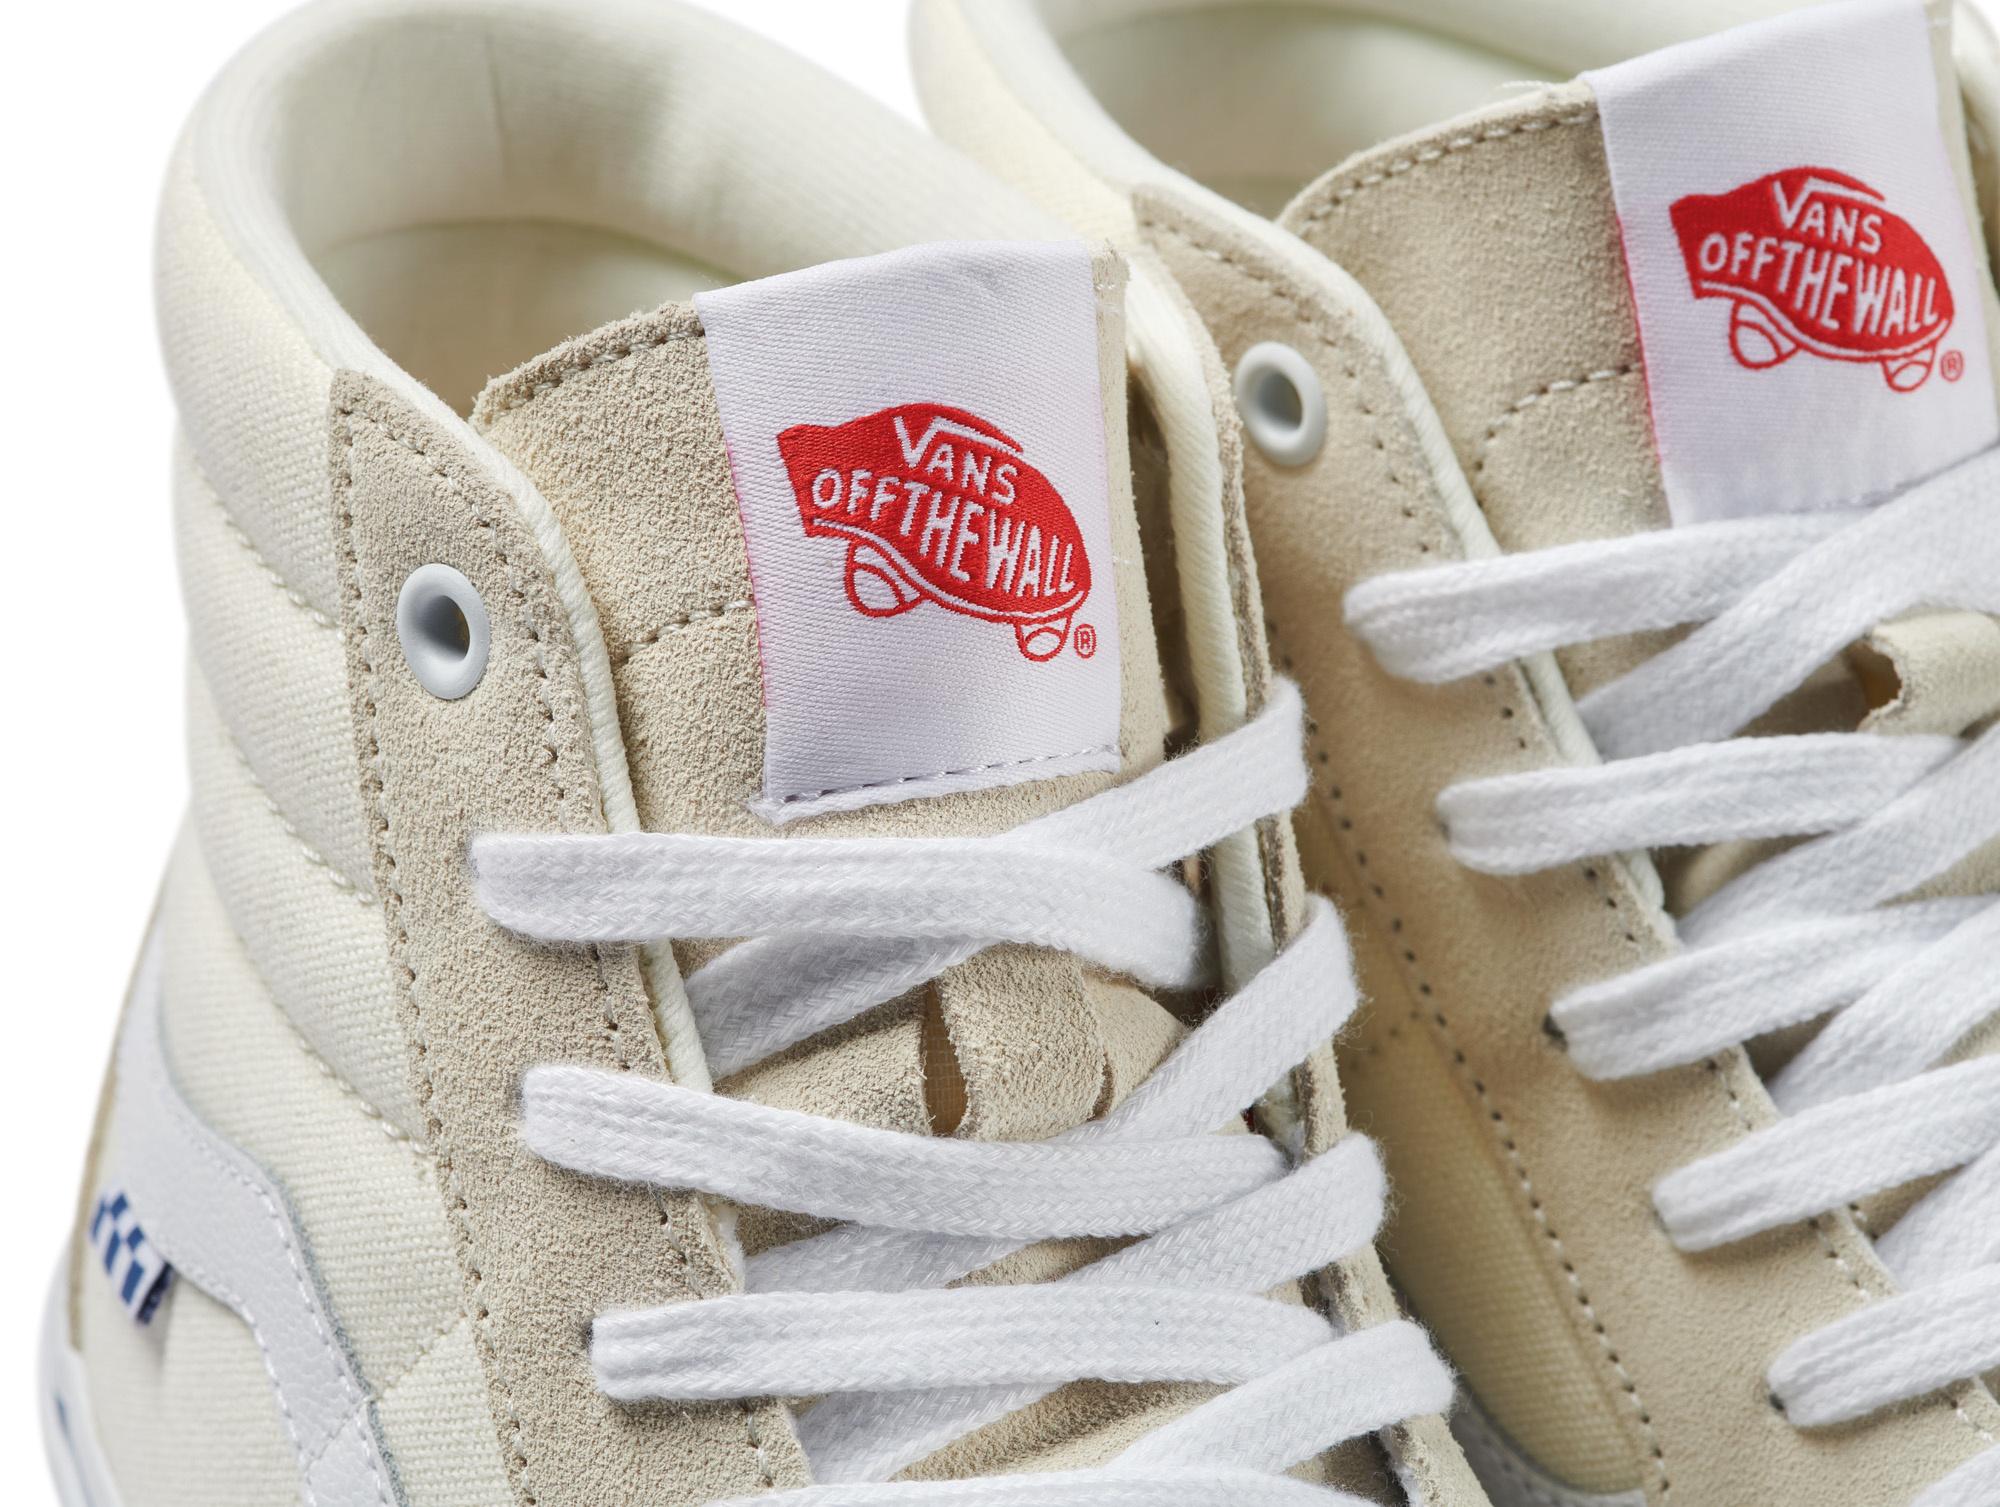 Vans skate shoes online canada new classics